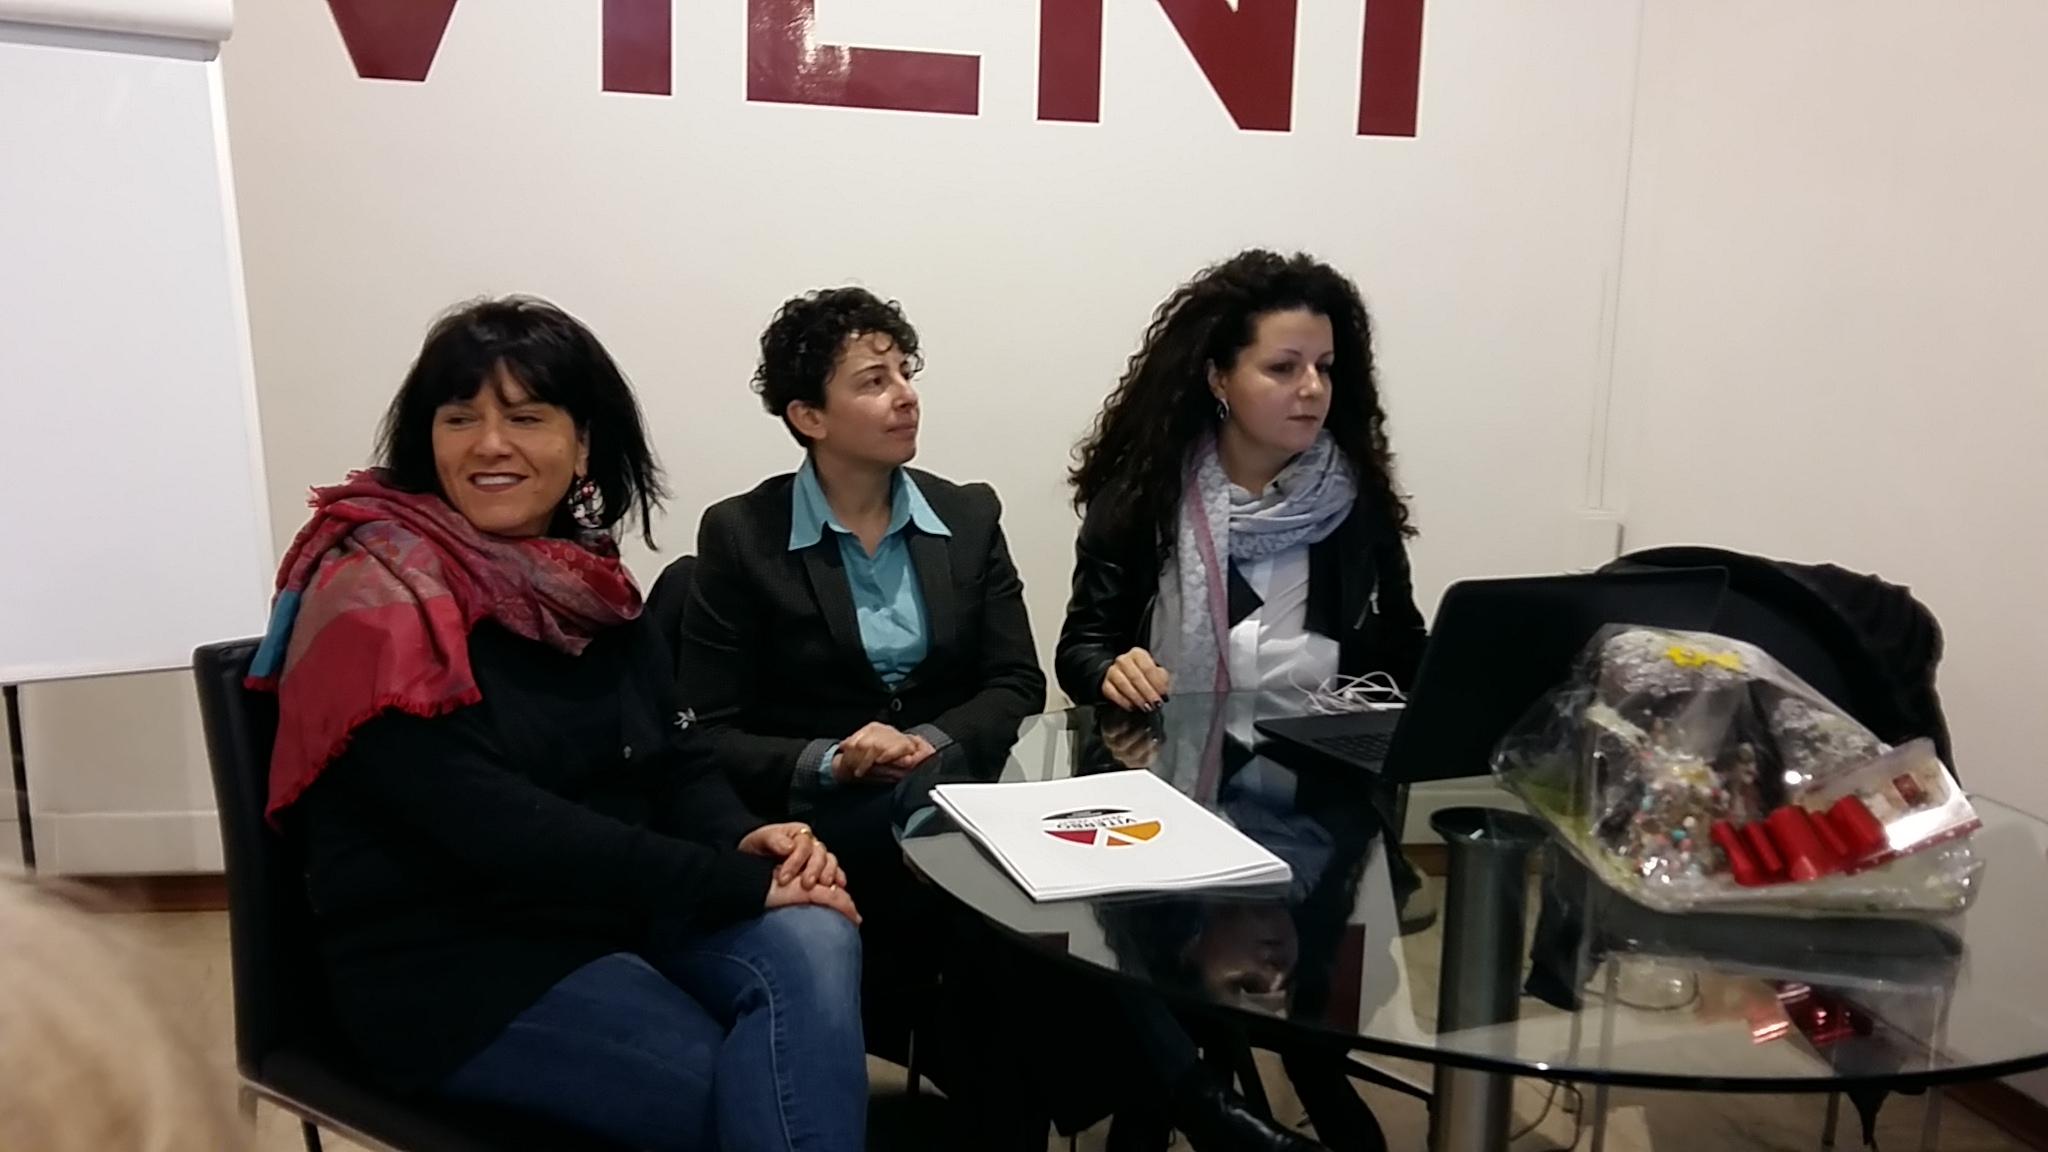 Cresce la Frontini e punta dritta al ballottaggio senza alleanze: presentato il programma del Movimento Civico 20/20